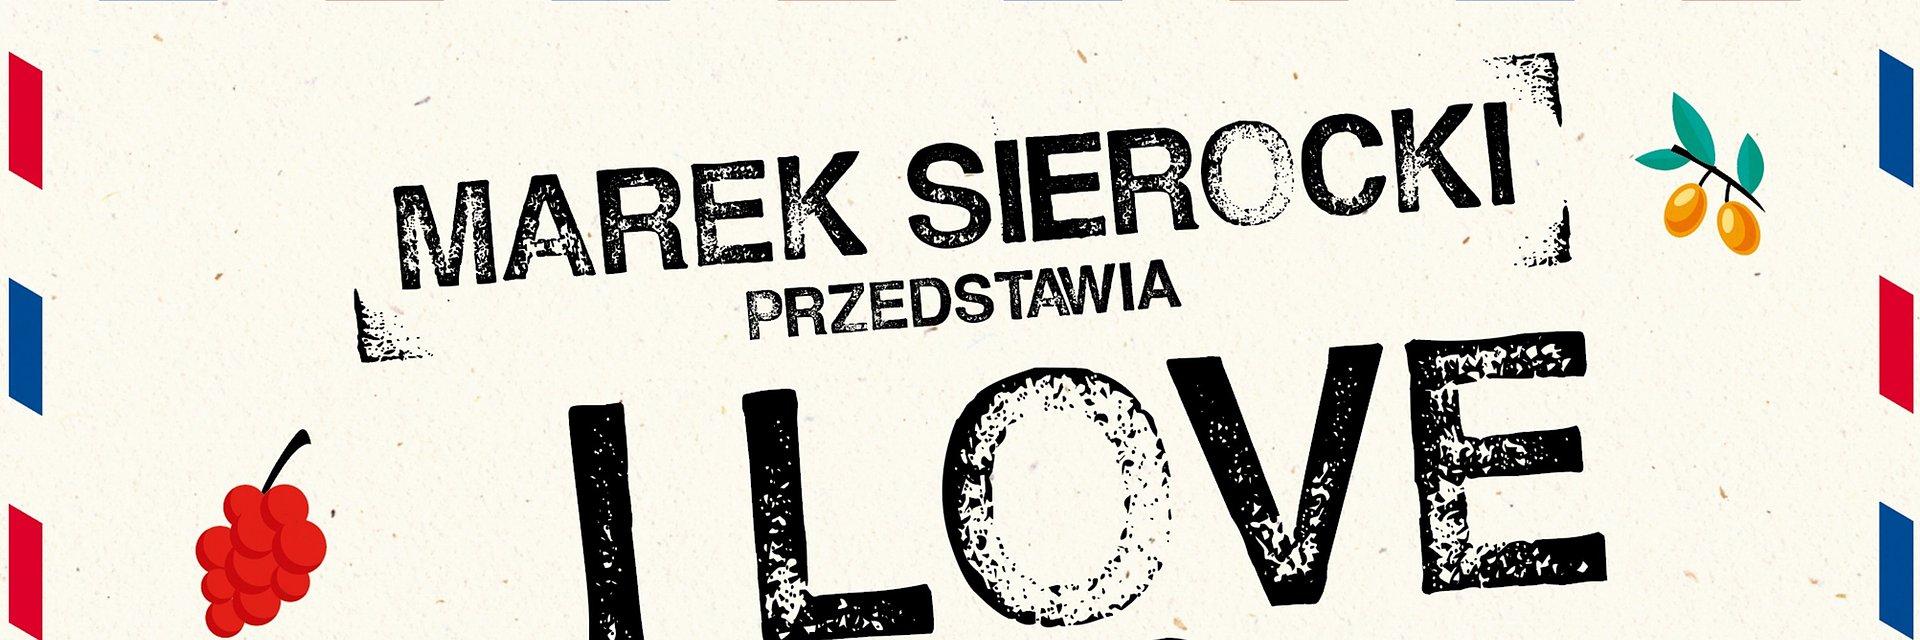 Marek Sierocki przedstawia kolejną porcję włoskich hitów na winylu!